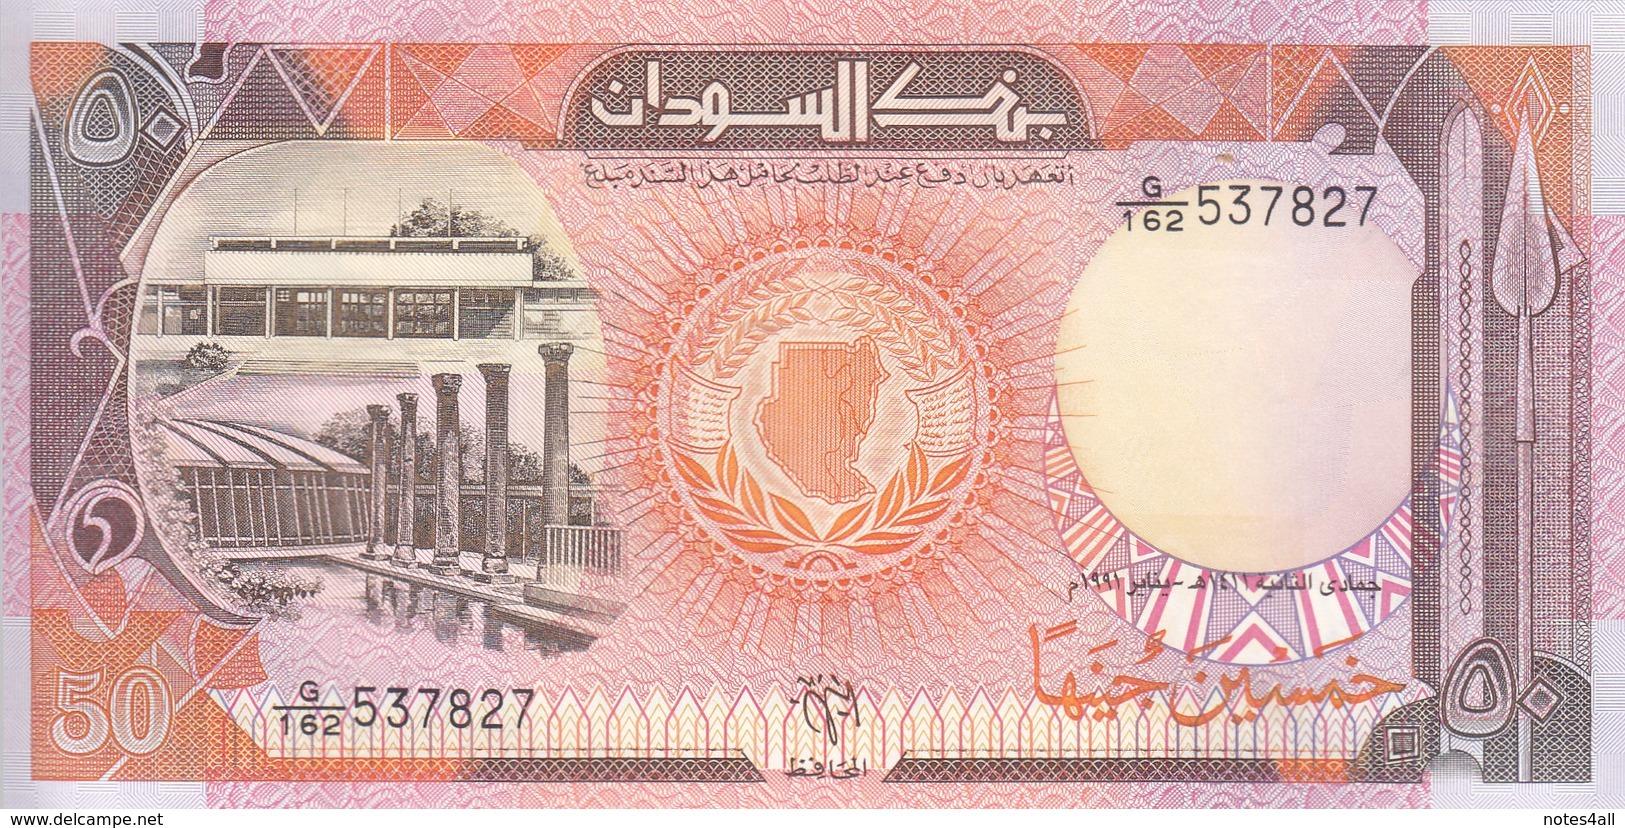 SUDAN 50 POUNDS 1991 P-48 UNC */* - Sudan